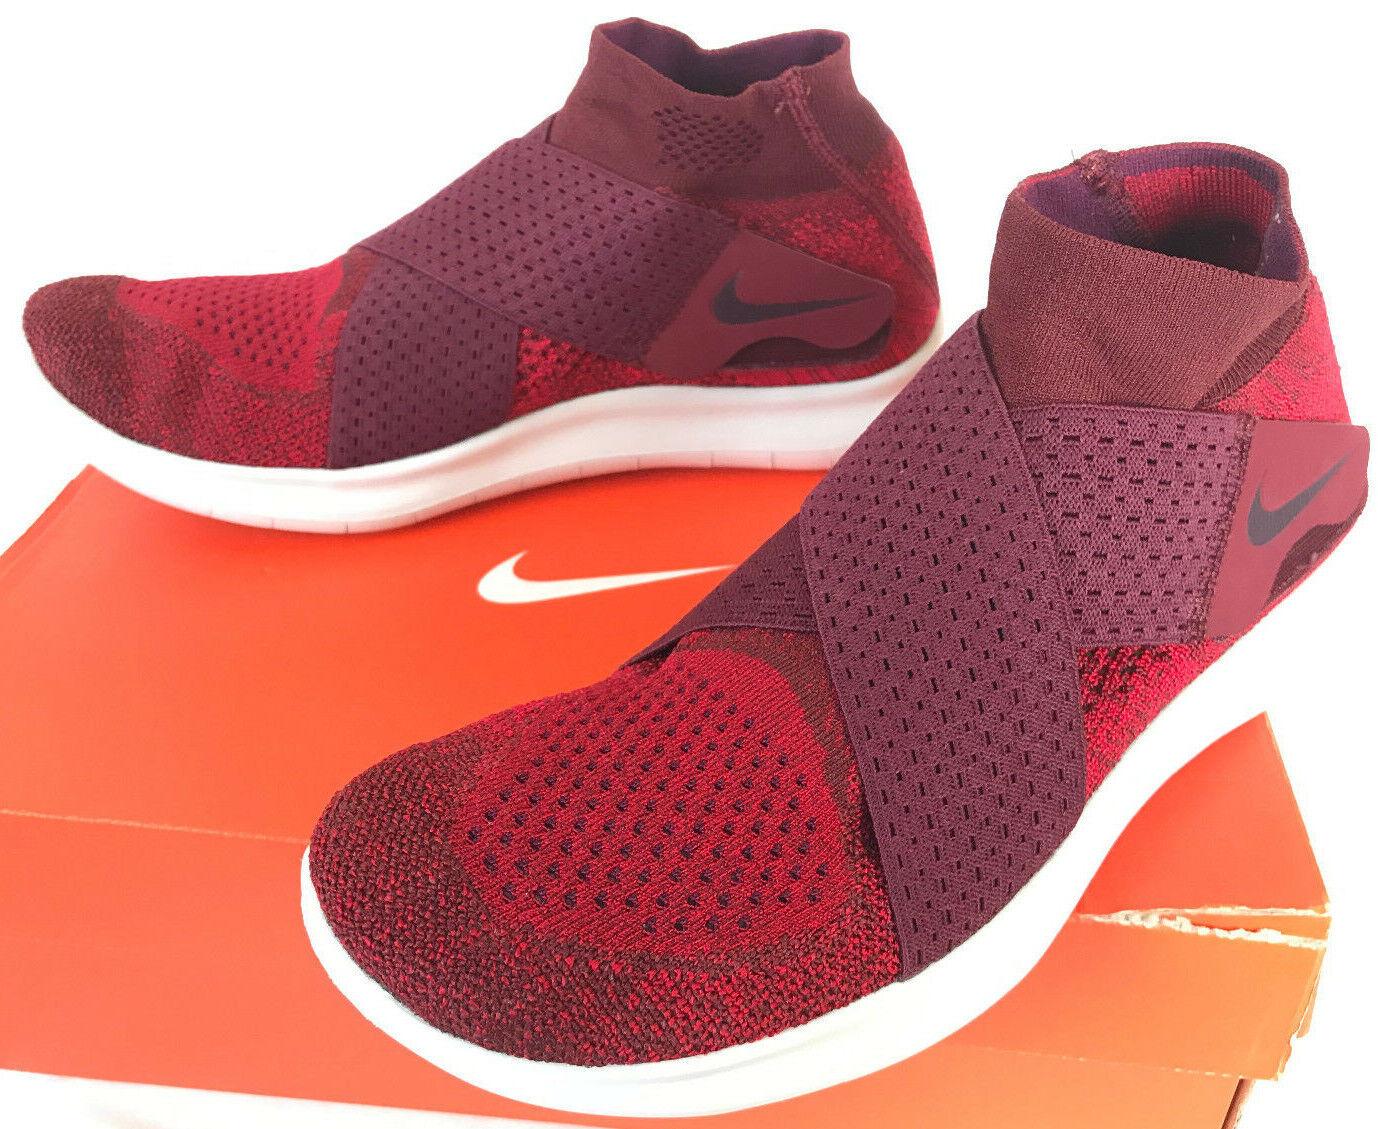 Nike Free RN Motion FK 2017 Tough 880845-601 Rd Marathon Running shoes Men's 7.5